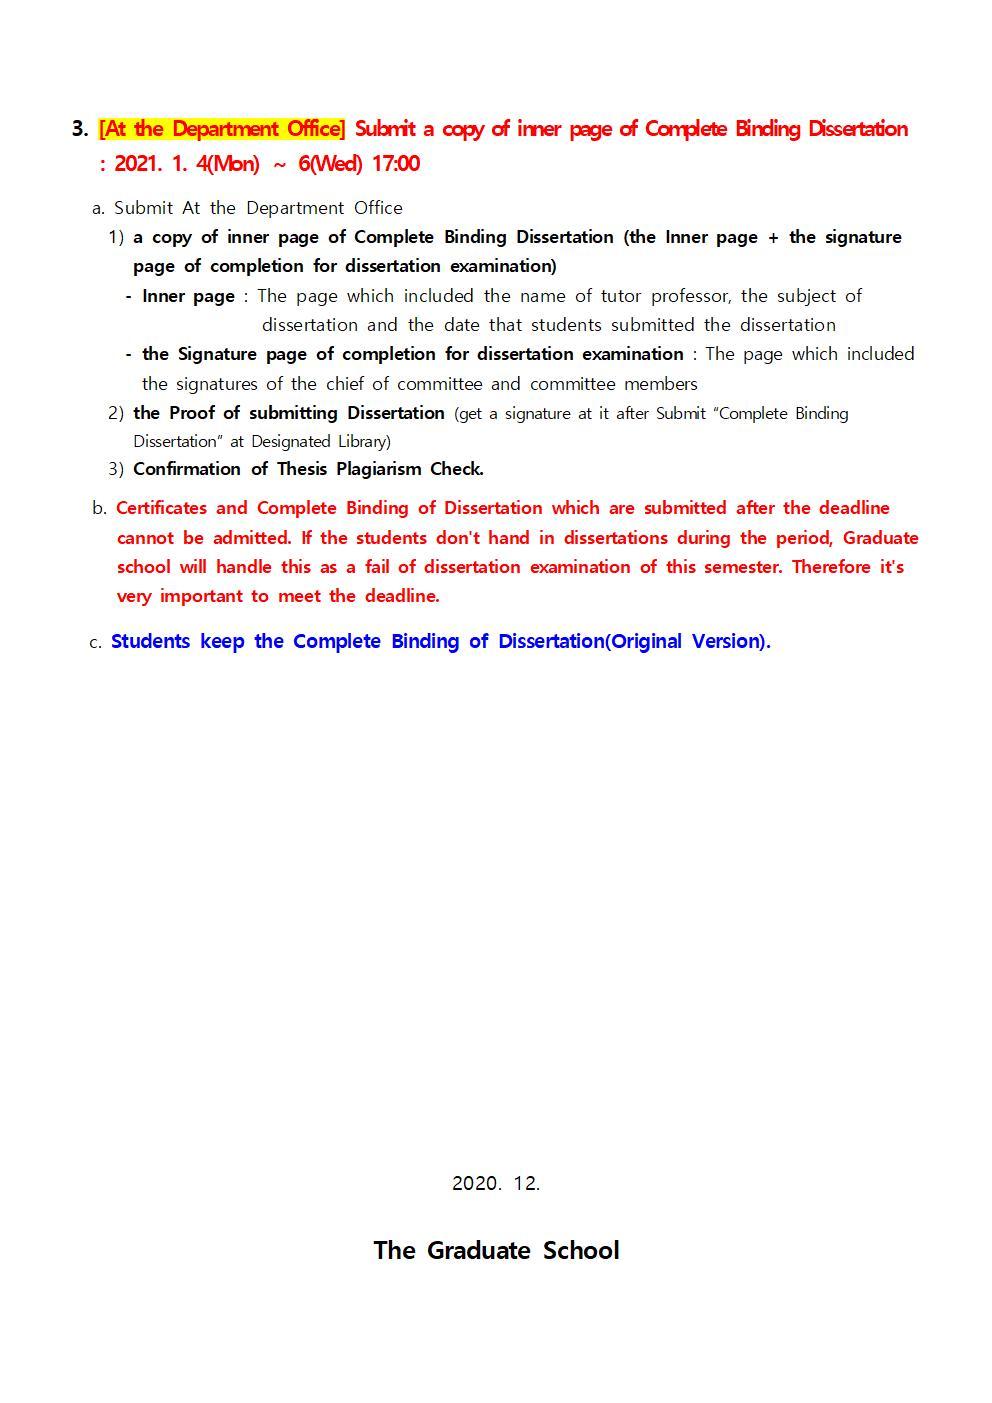 3-2.학위청구논문주요사항(학생 공고문)_영문_수정002.jpg